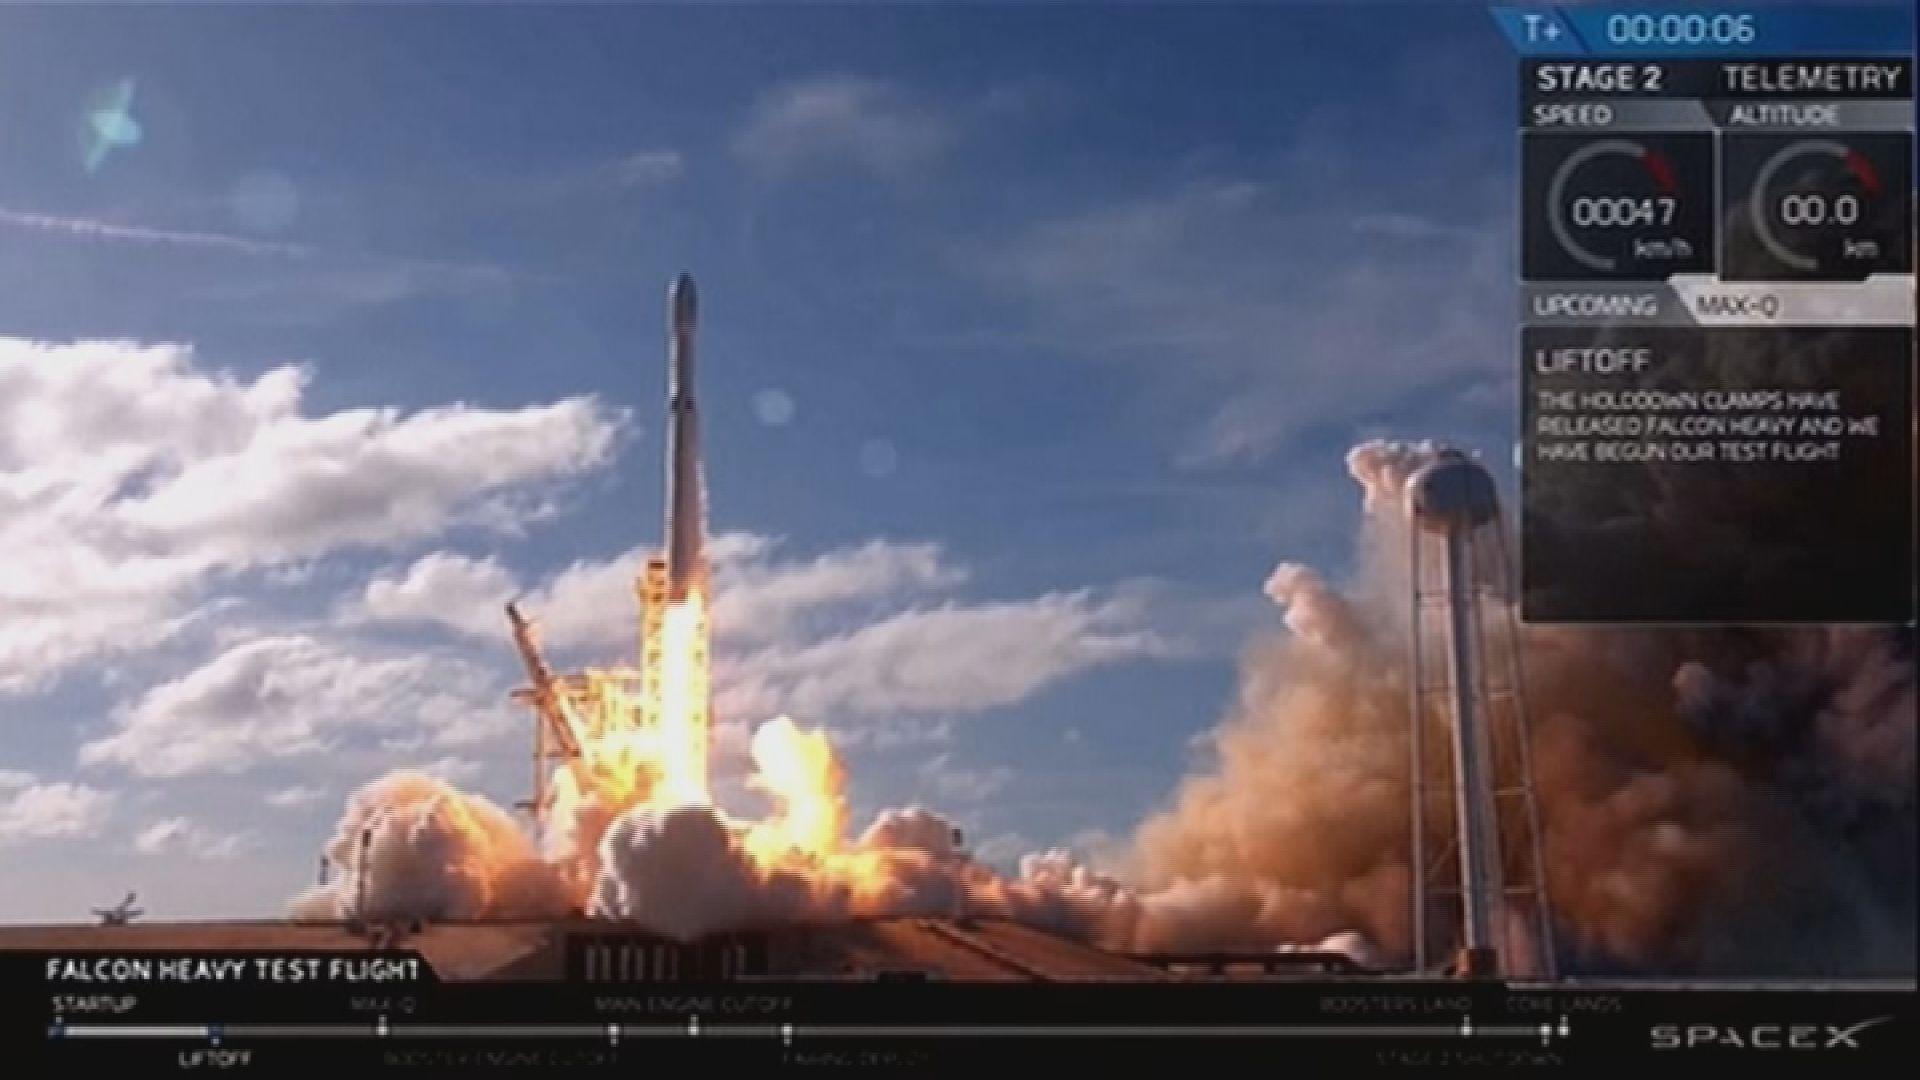 專家指SpaceX首次載太多人飛行太冒險